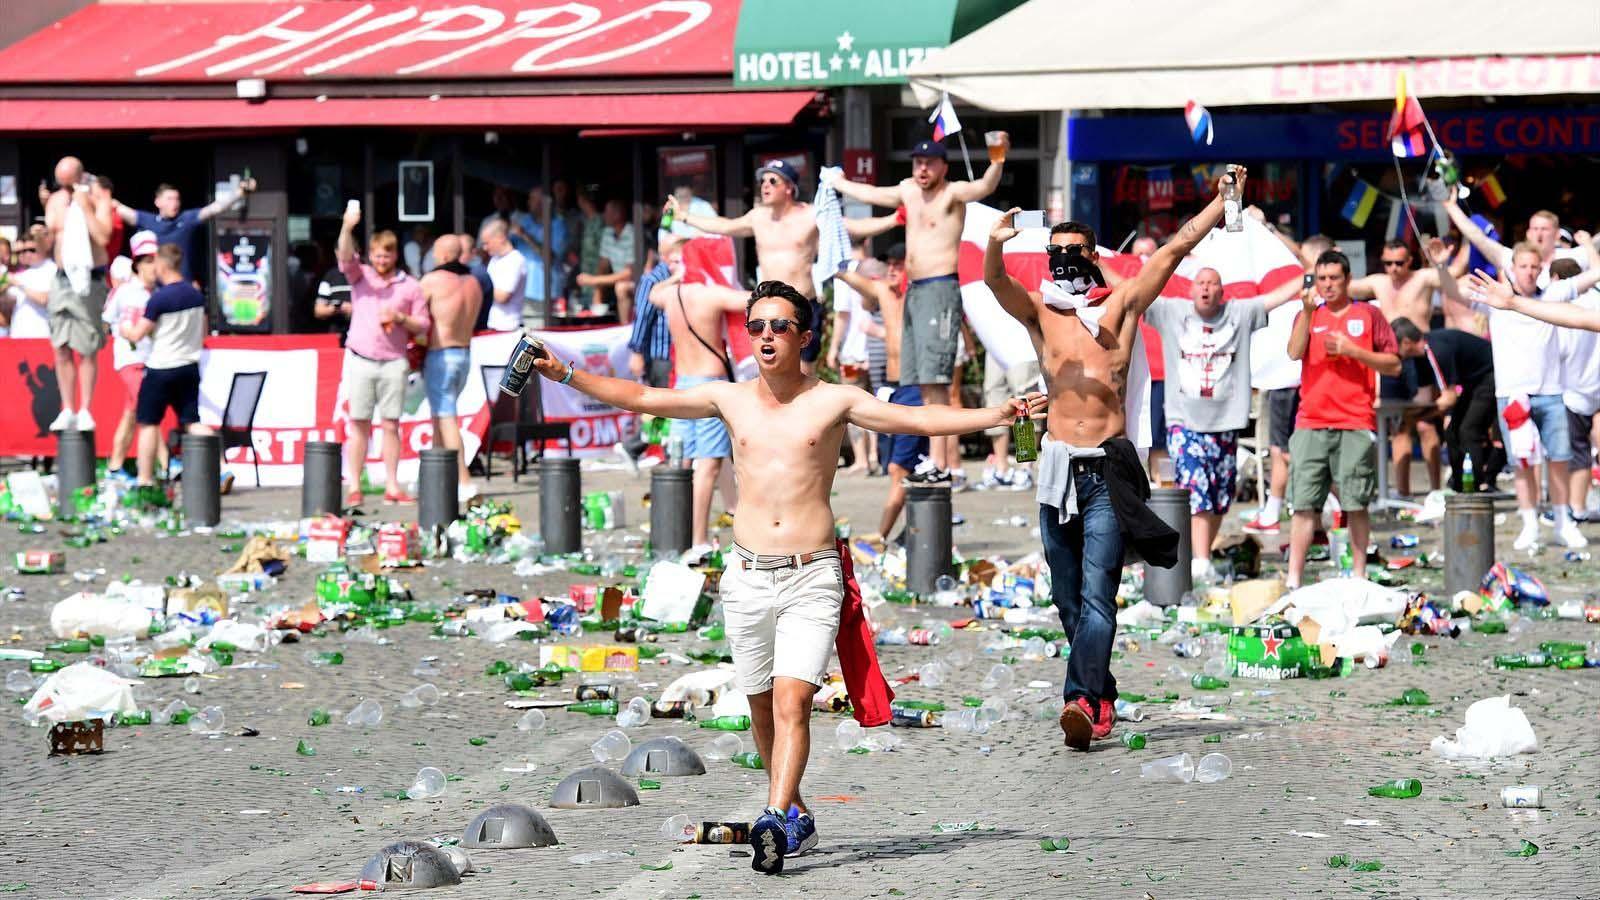 Разборки фанатов в Марселе анлия россия